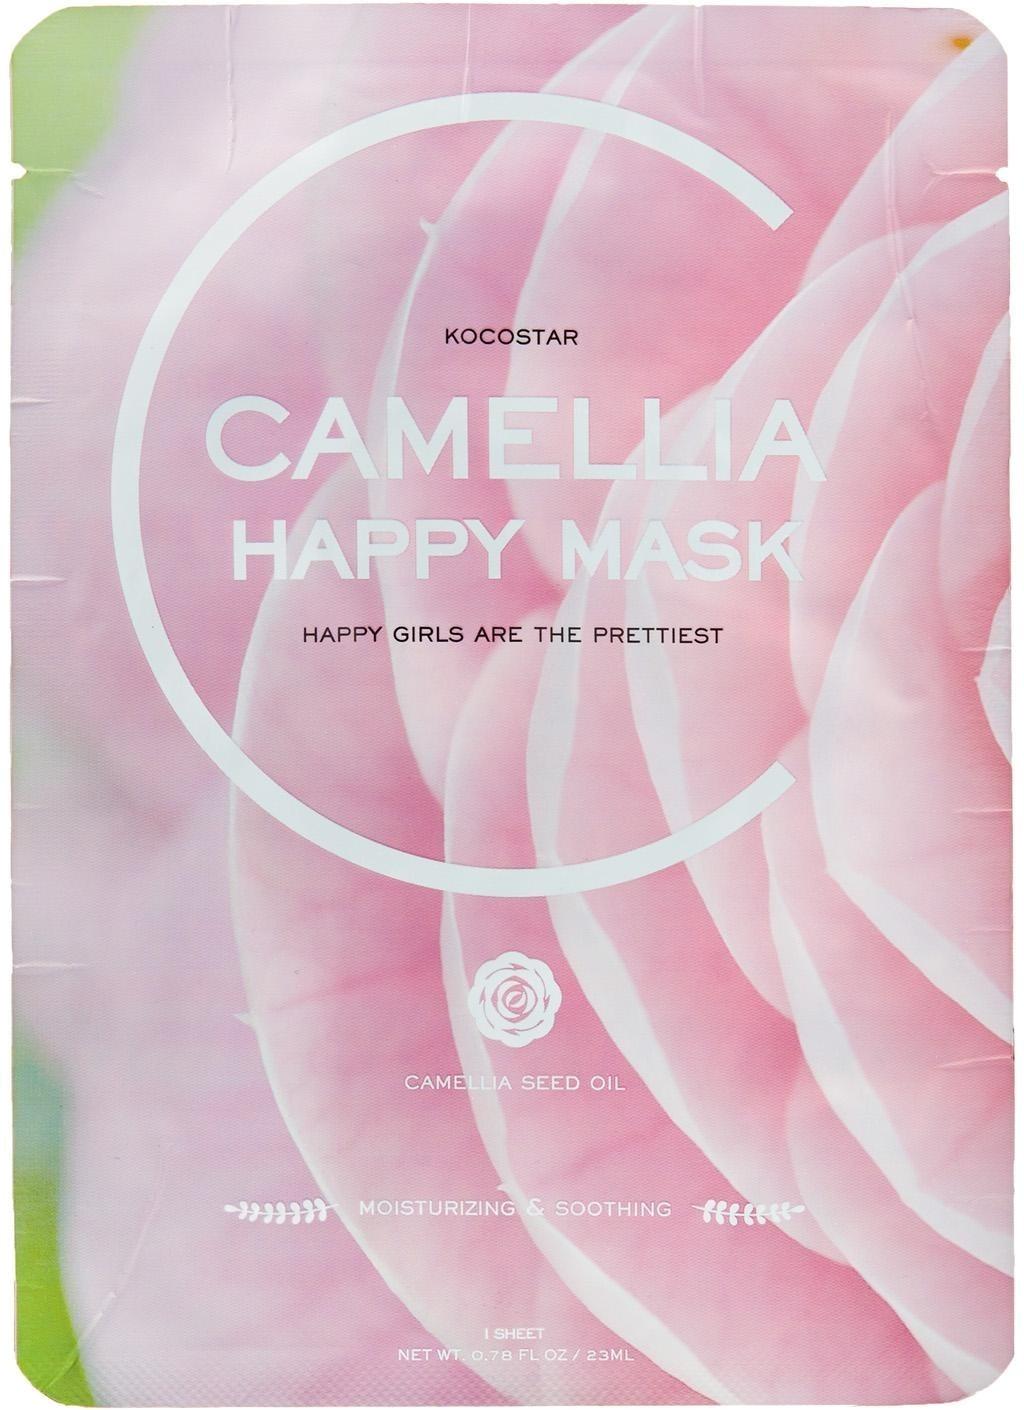 Kocostar Camellia Happy MaskМаска для лица Kocostar Camellia Happy Mask с поистине богатым составом, станет прекрасным способом подарить коже увлажнение на глубоком уровне, а также замедлить процессы увядания.<br><br>Экстракт лепестков и масло семян красной камелии содержат массу полезных для кожи витаминов и микроэлементов. Нейтрализуют пагубное влияние на кожу ультрафиолета и действия свободных радикалов.<br><br>Экстракт алоэ прекрасно освежает и успокаивает кожу, обеззараживает верхний слой эпидермиса, обладает заживляющими свойствами, контролирует работу себума.<br><br>Центелла азиатская обладает общеукрепляющим, антикуперозным, а также выраженным осветляющим действием. Снимает отечность и воспаления. Гиалуроновая кислота насыщает кожу влагой, оставляет на поверхности тонкую защитную пленку, запечатывая воду в клетках кожи и продлевая ощущения полной увлажненности на весь день. Является превосходным транспортным средством для других полезных веществ.<br><br>&amp;nbsp;<br><br>Объём: 23 мл<br><br>&amp;nbsp;<br><br>Способ применения:<br><br>Наложить маску на кожу лица на 25 минут. Убрать, остатки средства аккуратно &amp;laquo;вбить&amp;raquo; в кожу подушечками пальцев. Не смывать.<br>